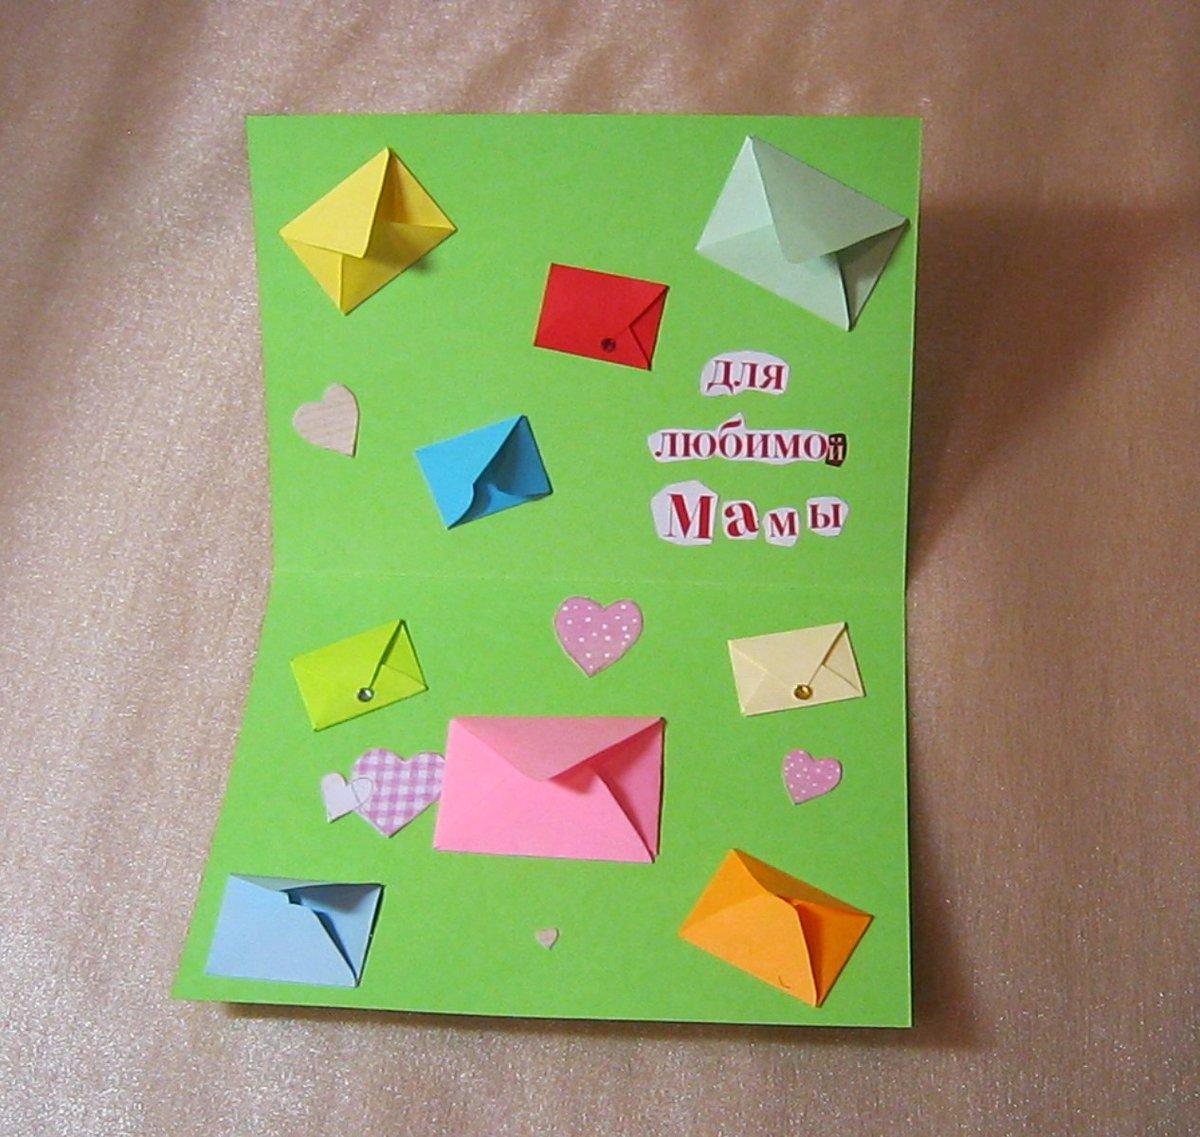 Подарок маме на день рождения: Идеи